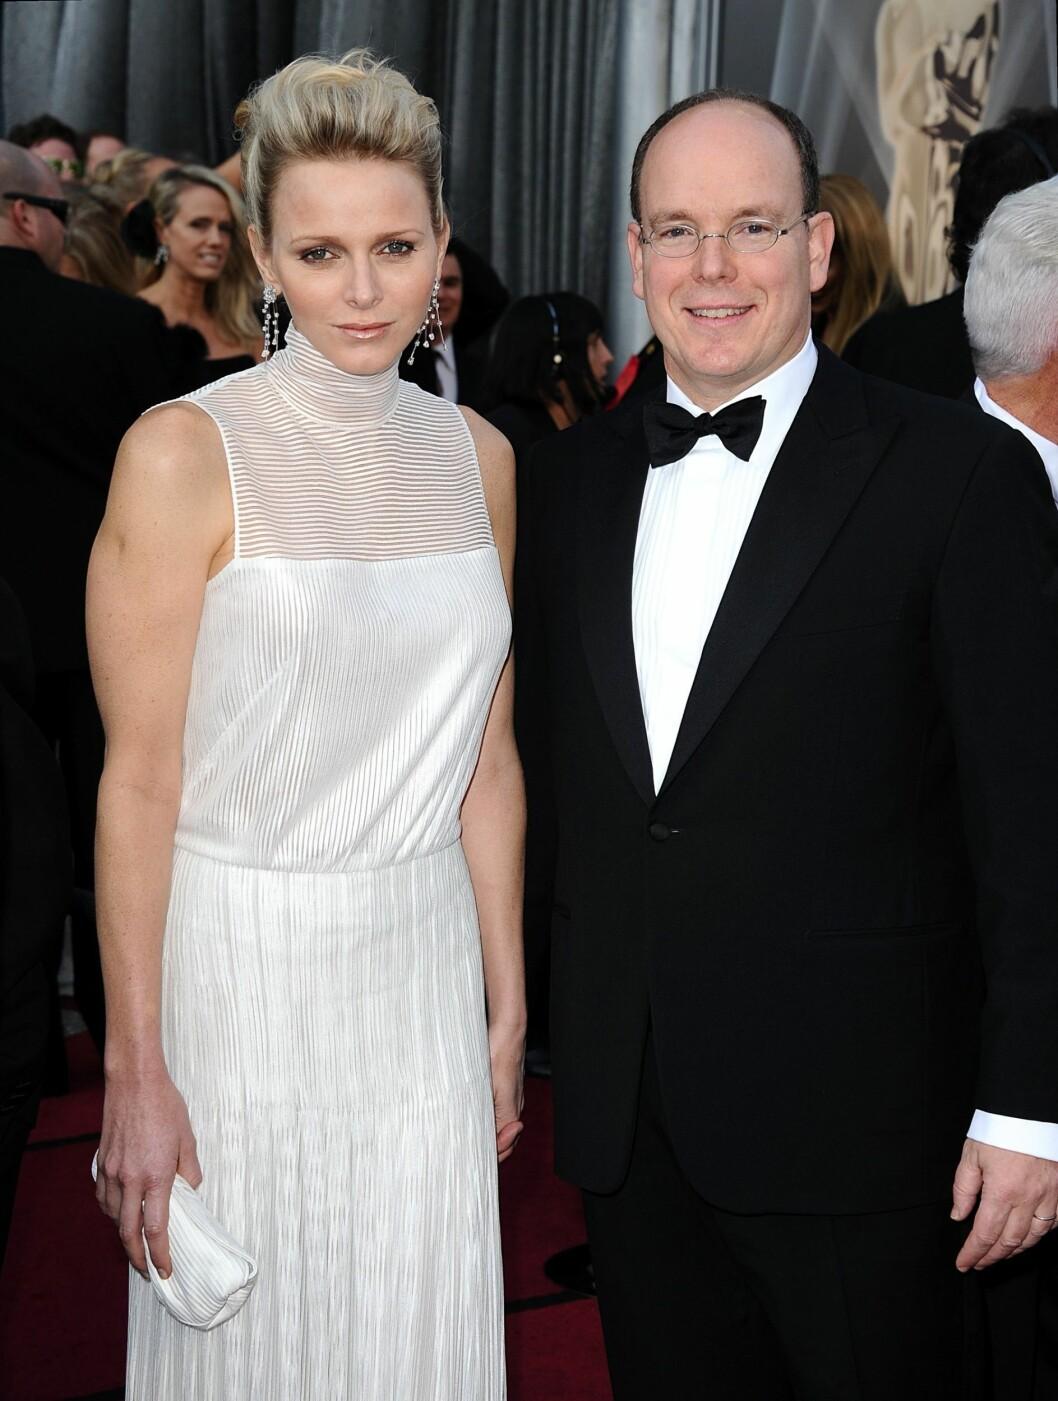 KONGELIGE BESØK: Prins Albert og konen Charlene Wittstock var også på Oscar-utdelingen. Wittstock hadde en hvit kjole uten ermer fra Akris.  Foto: Stella Pictures